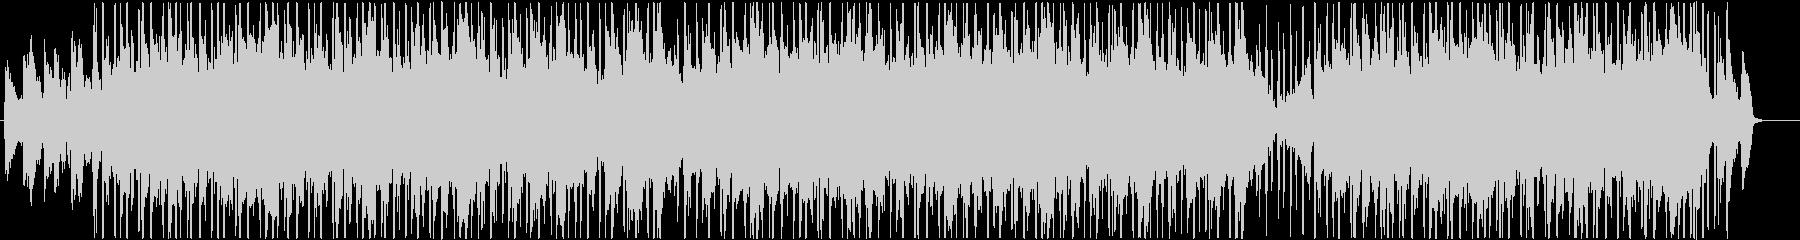 アンビエント感のあるチル、ヒップホップの未再生の波形